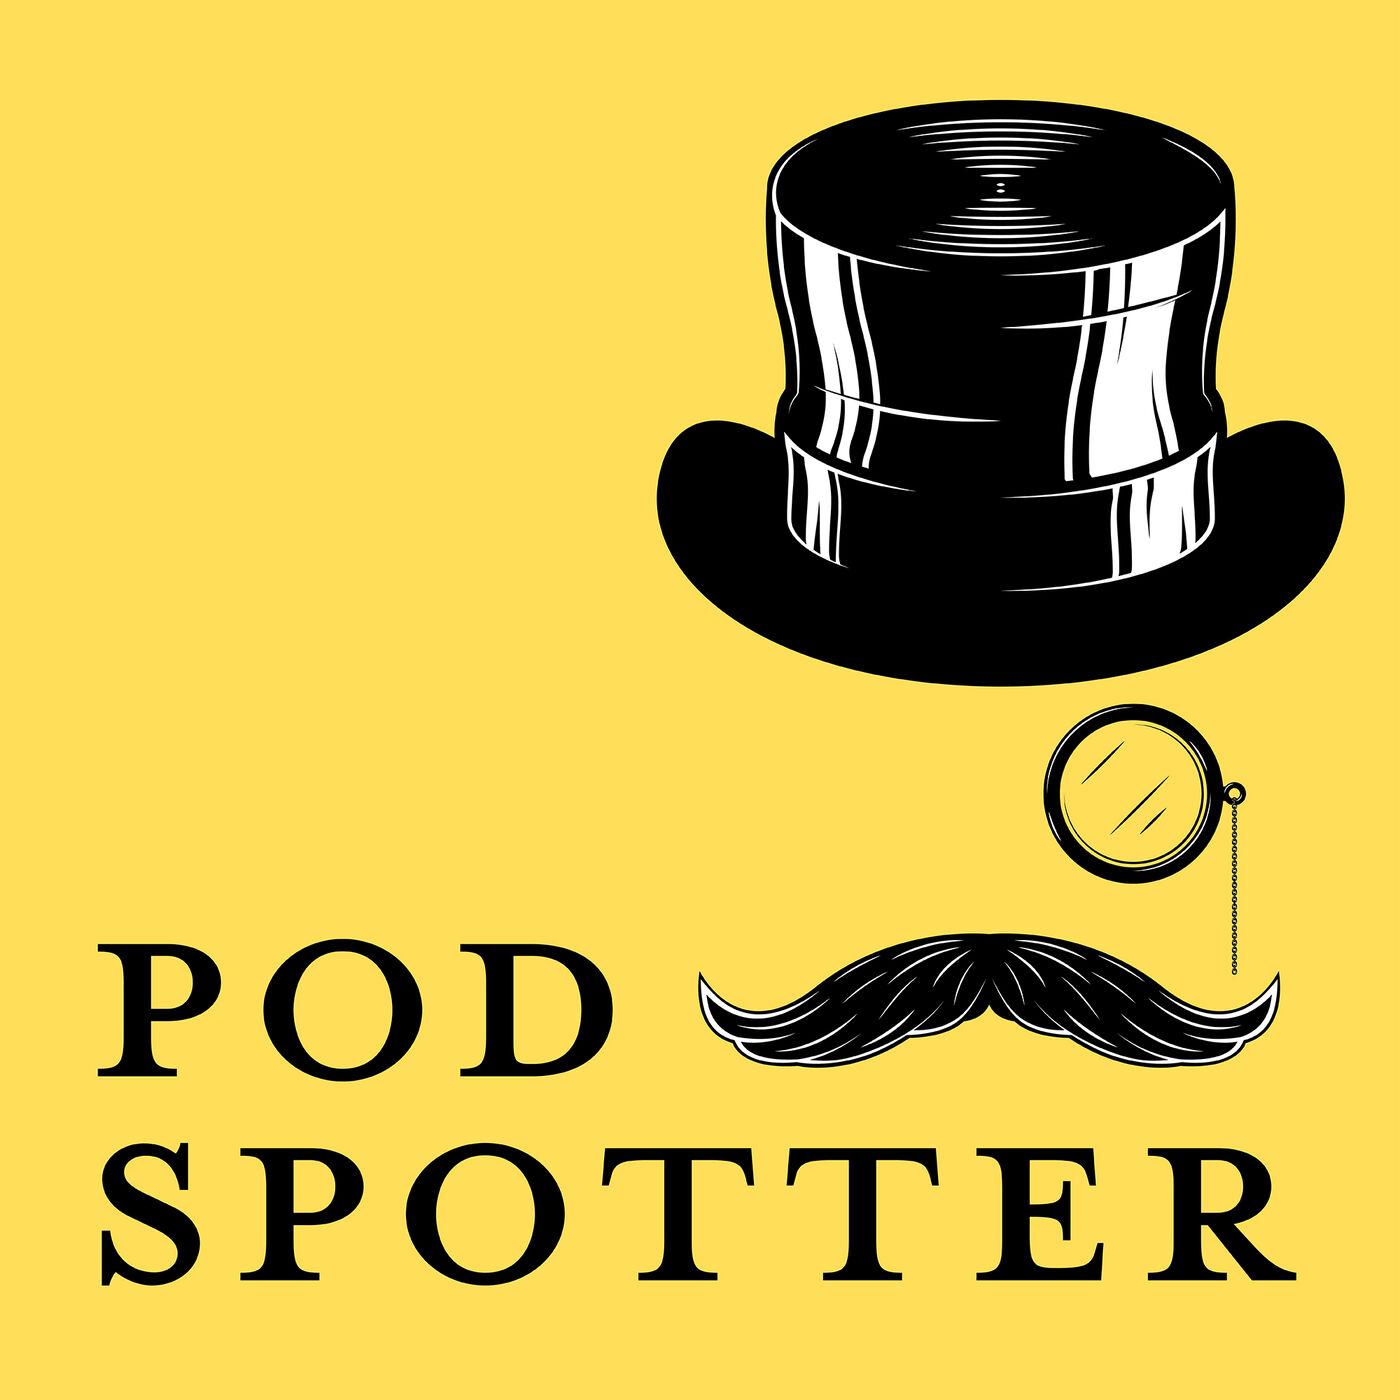 The Pod Spotter